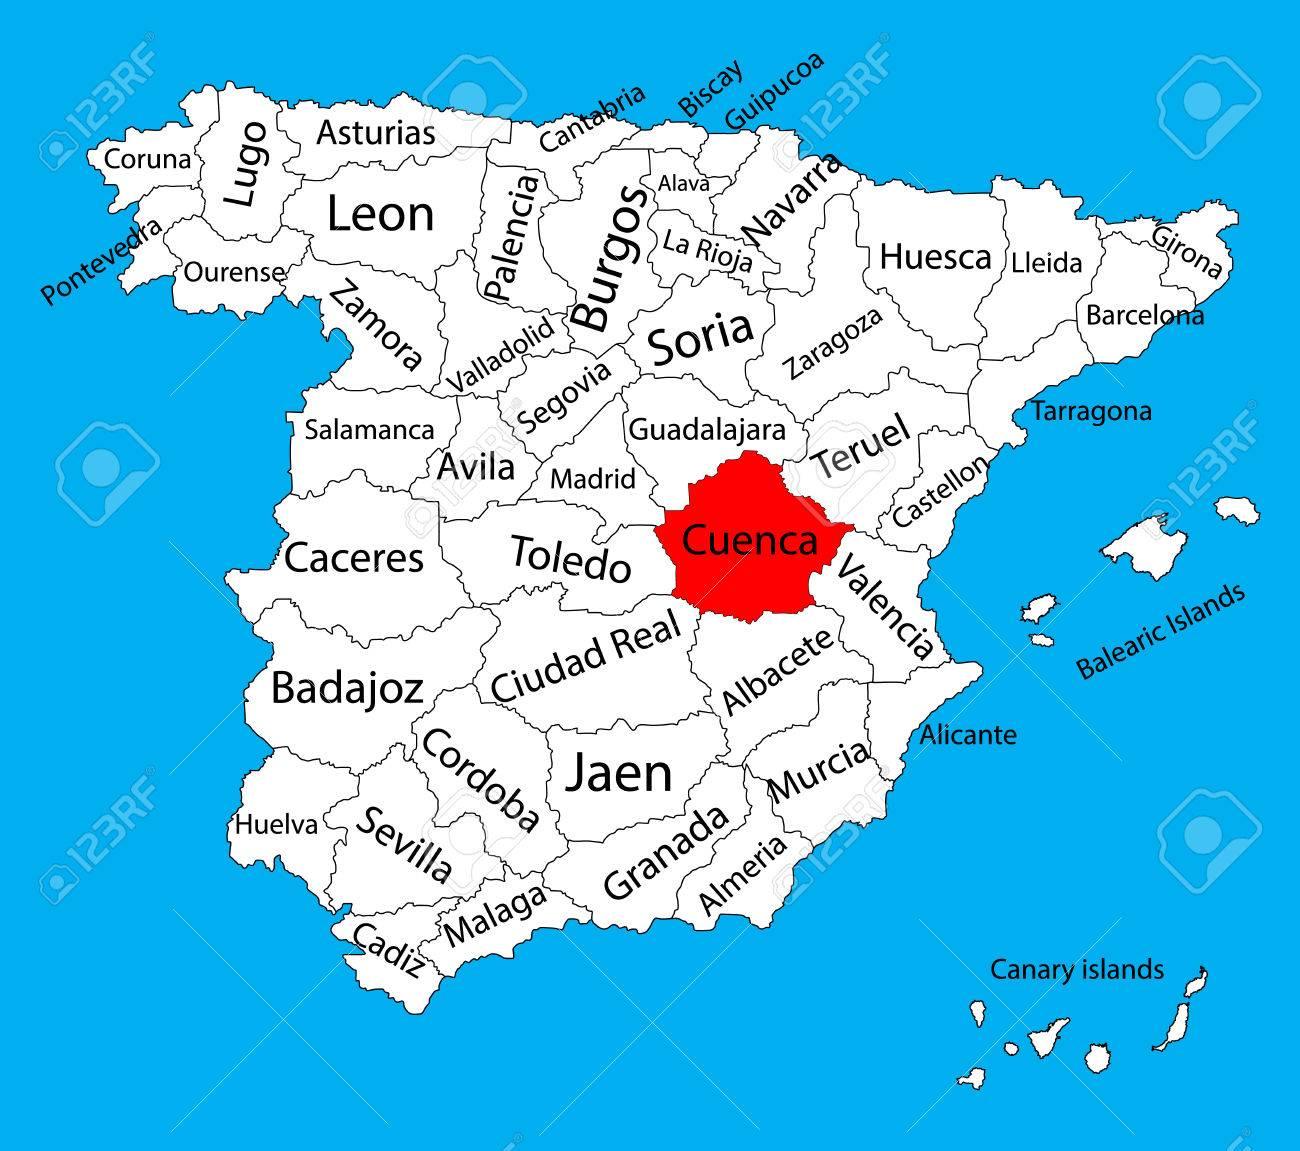 Mapa Provincia De Cuenca.Mapa De Cuenca Mapa Del Vector De La Provincia De Espana Mapa Del Vector Detallado Alto De Espana Con Regiones Separadas Aisladas En El Fondo Mapa De Areas De Autonomia De Espana